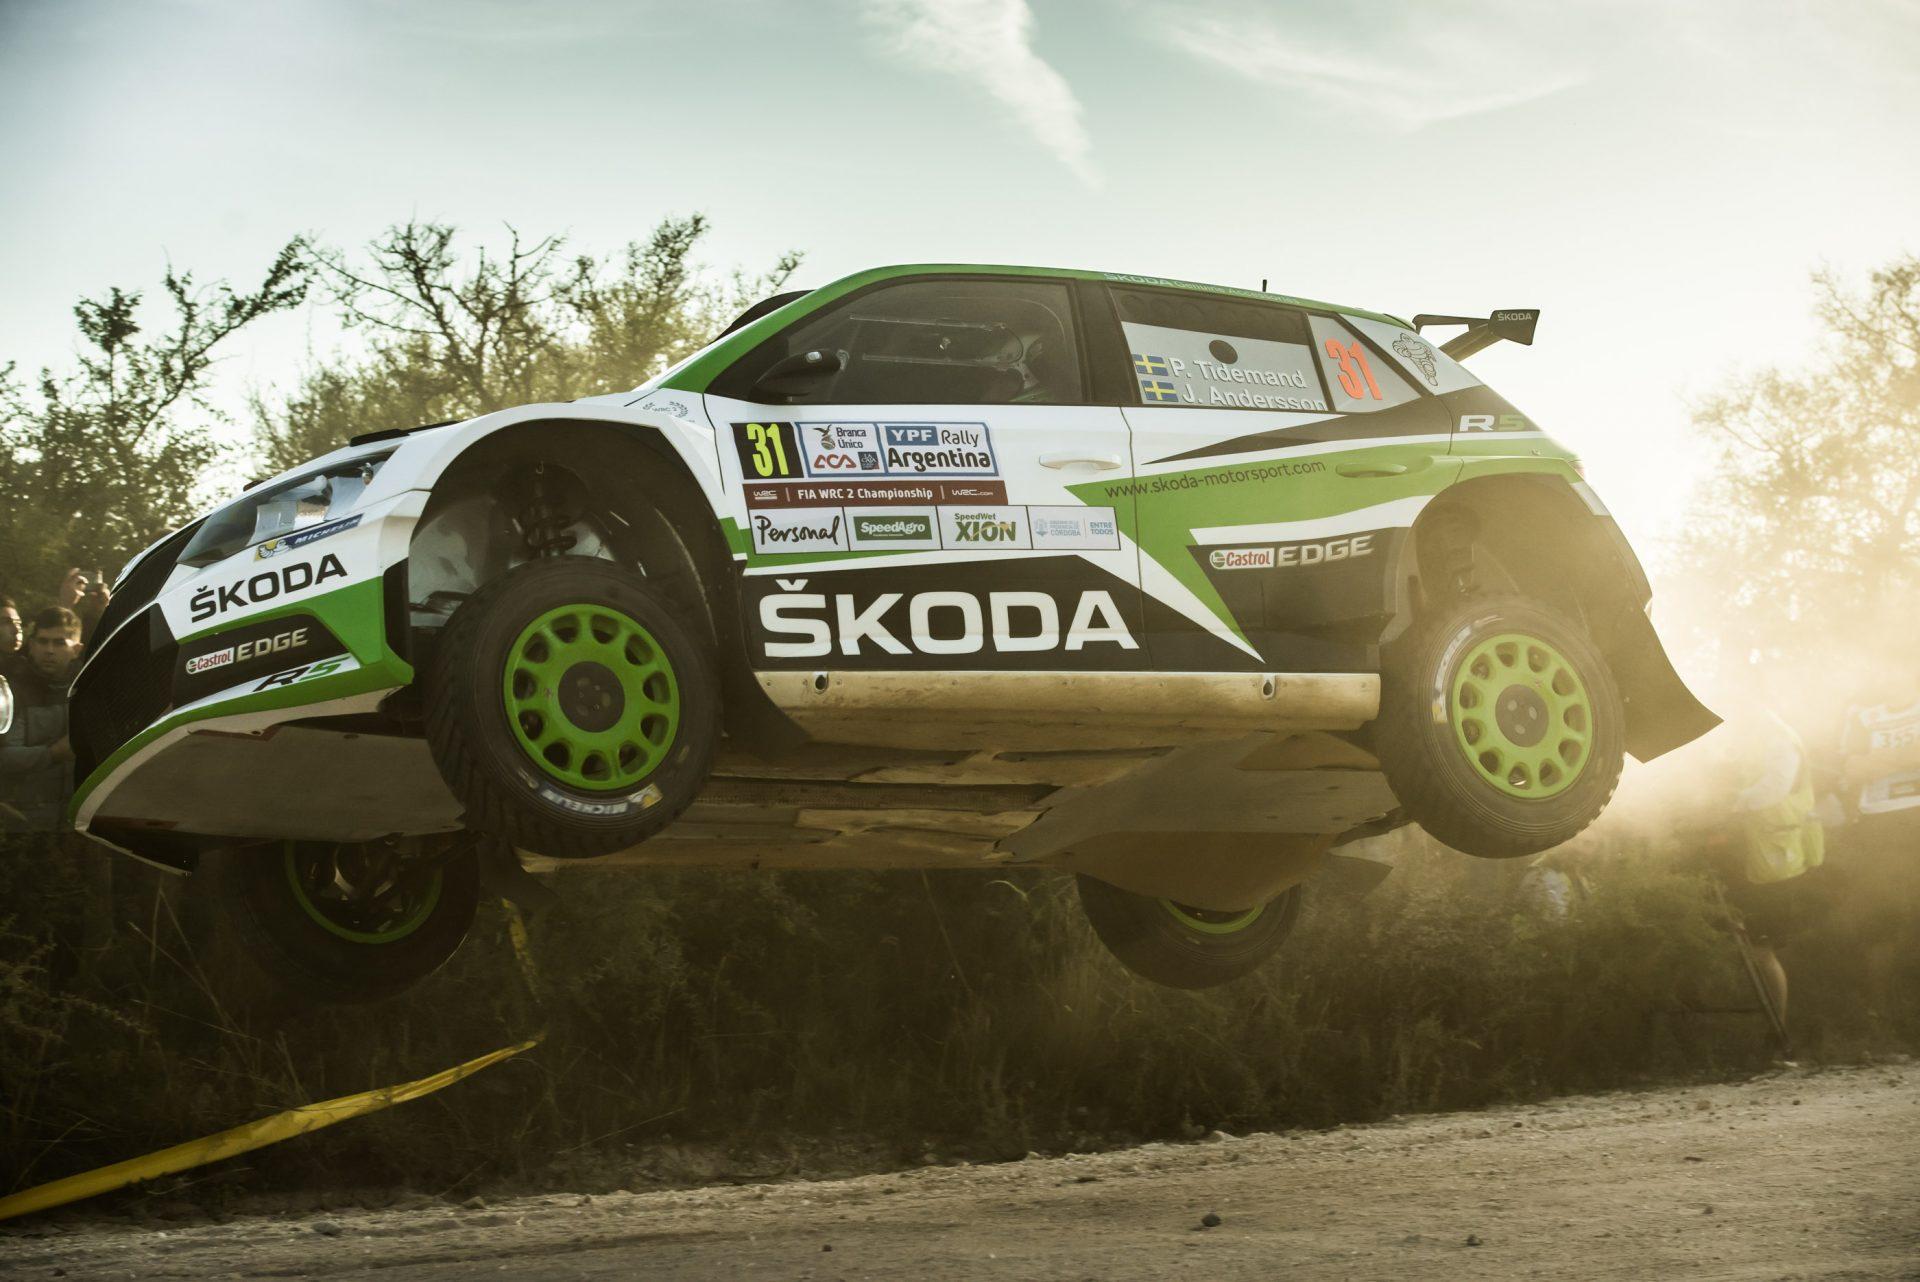 Rally Argentina, 1. etapa: I po potížích ve RZ2 jsou tovární vozy FABIA R5 na 1. a 2. místě, Veiby je 3.